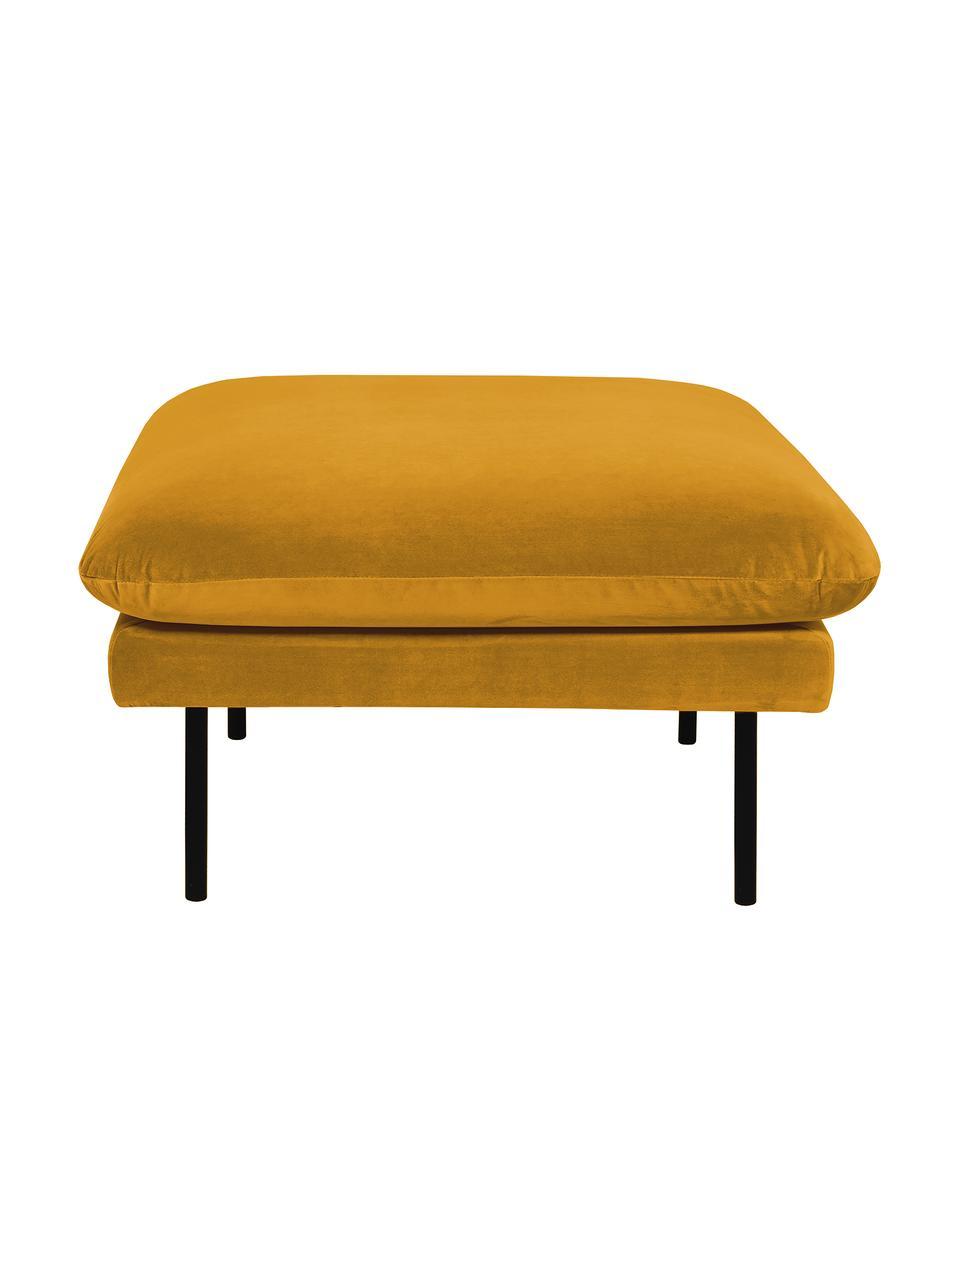 Poggiapiedi da divano in velluto giallo senape Moby, Rivestimento: velluto (copertura in pol, Struttura: legno di pino massiccio, Piedini: metallo verniciato a polv, Velluto giallo senape, Larg. 78 x Alt. 48 cm